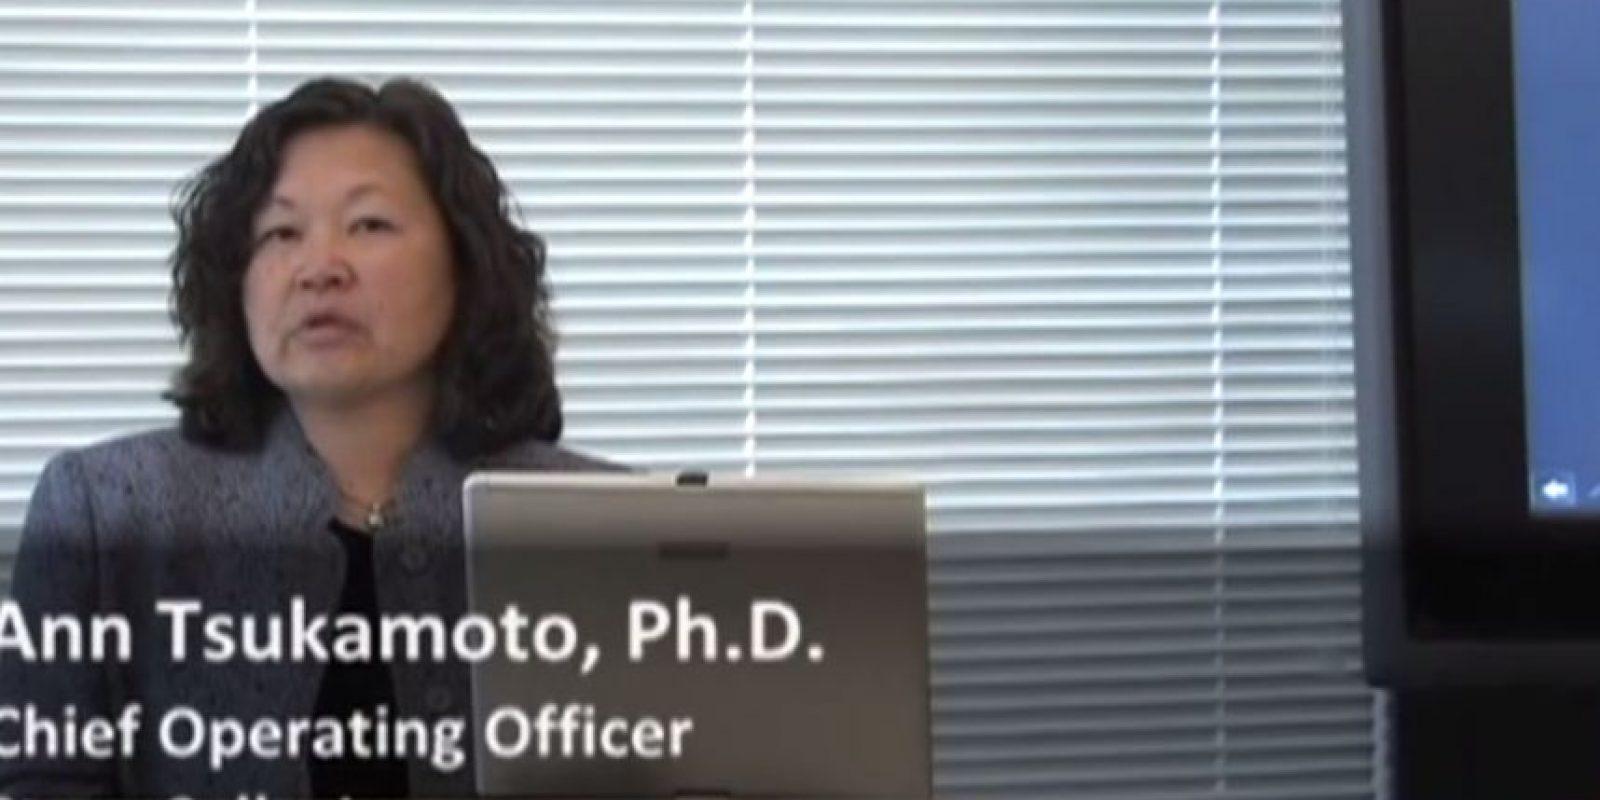 Ann Tsukamoto. Formó parte del equipo que desarrolló el proceso para aislar las células madre con efectividad. Las células madre se encuentran en la médula ósea y servirán de base para el crecimiento de las células rojas y blancas de la sangre. Foto:Youtube